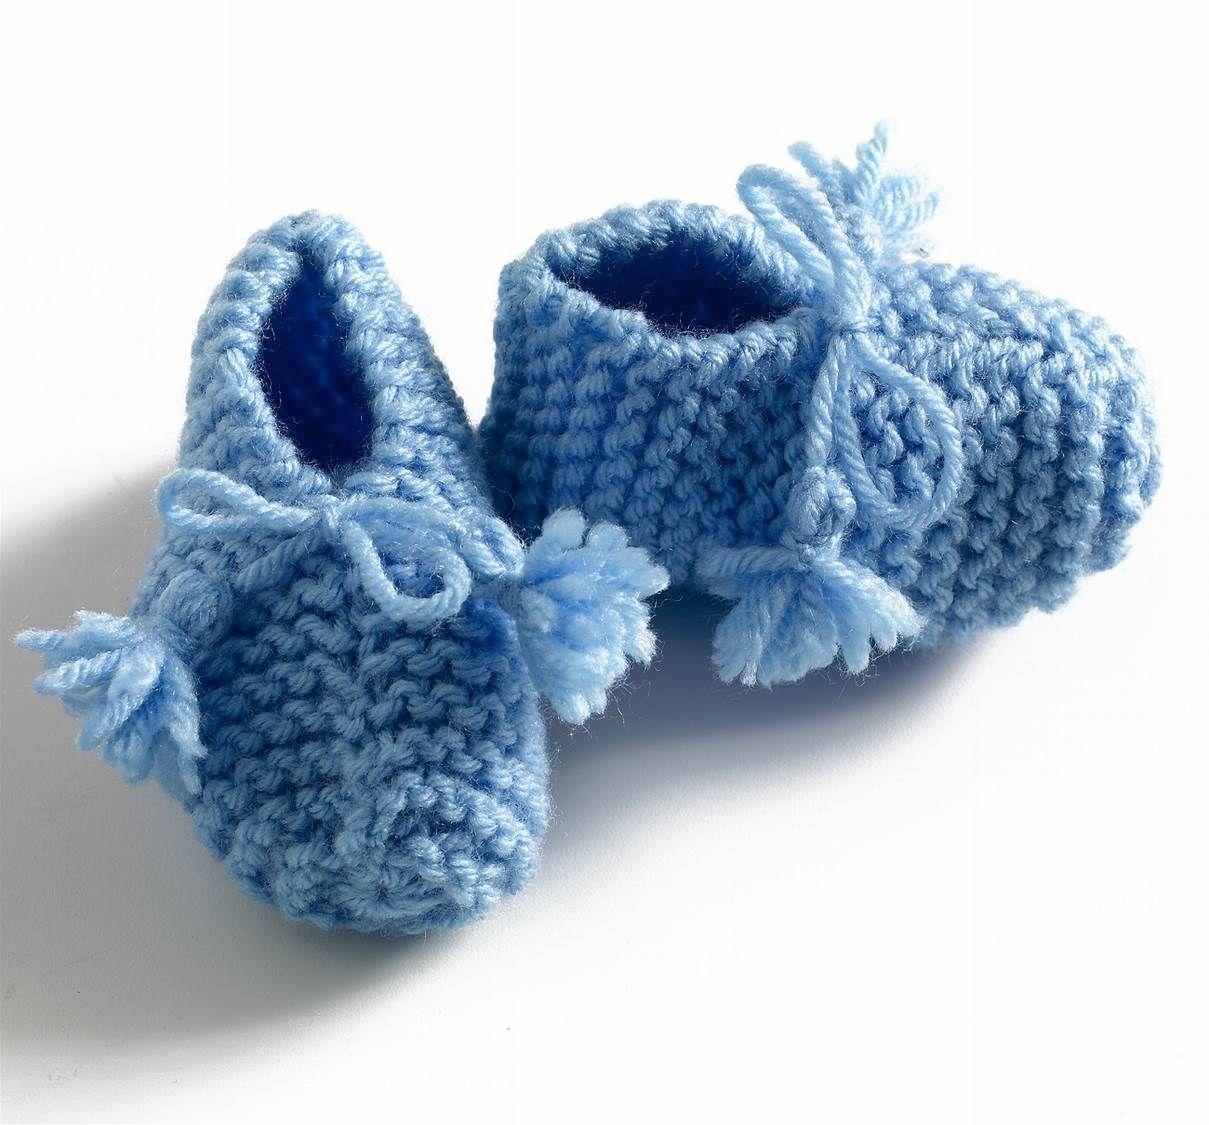 Free Easy Knitting Patterns 的图像结果 | handarbeit | Pinterest ...